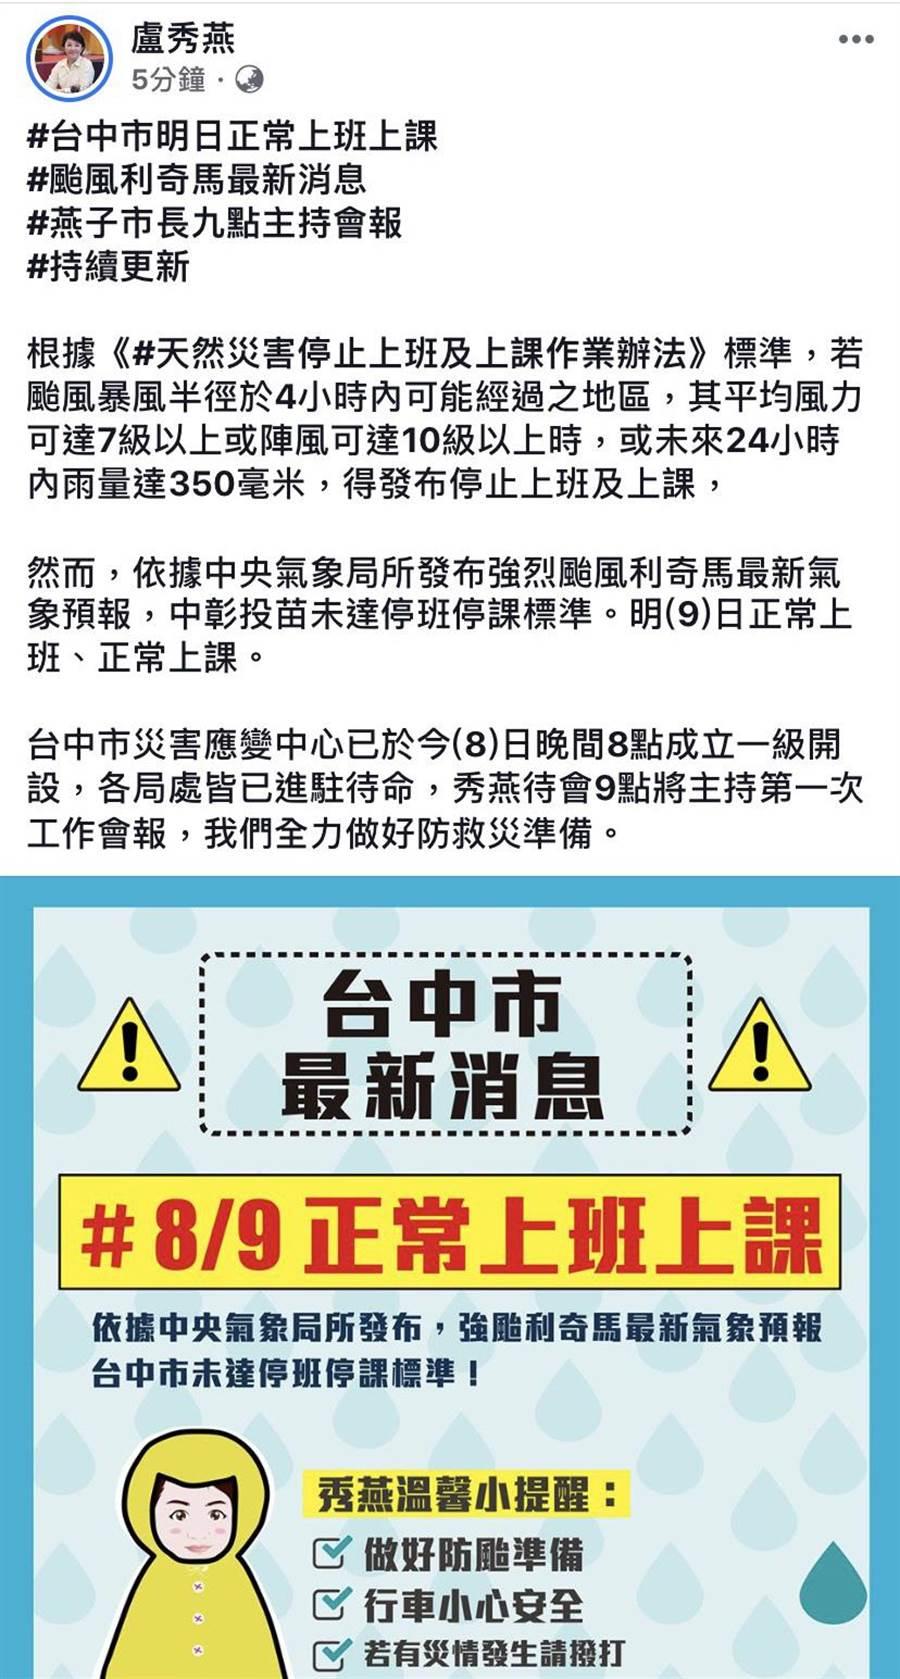 市長盧秀燕在臉書提醒民眾,全力做好防救災準備。(陳世宗翻攝)